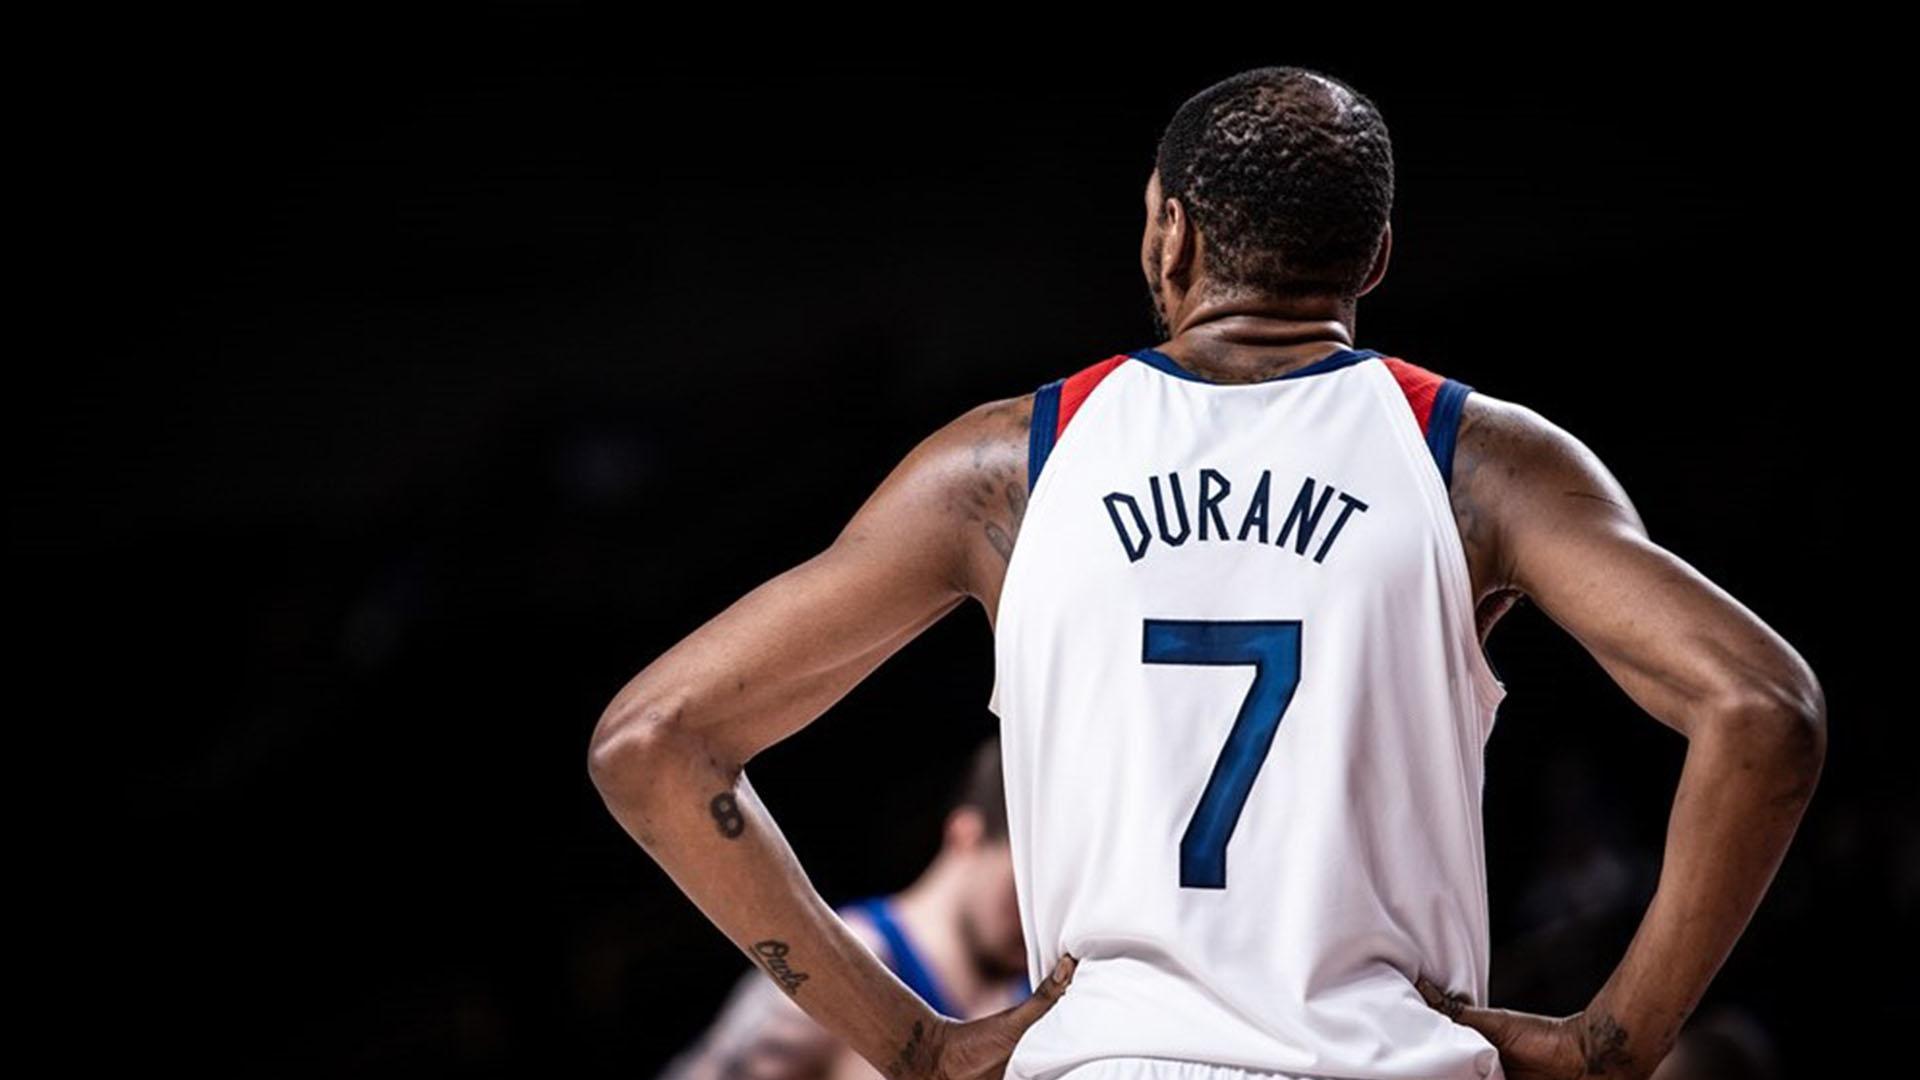 Olimpiadi Durant Carmelo Anthony